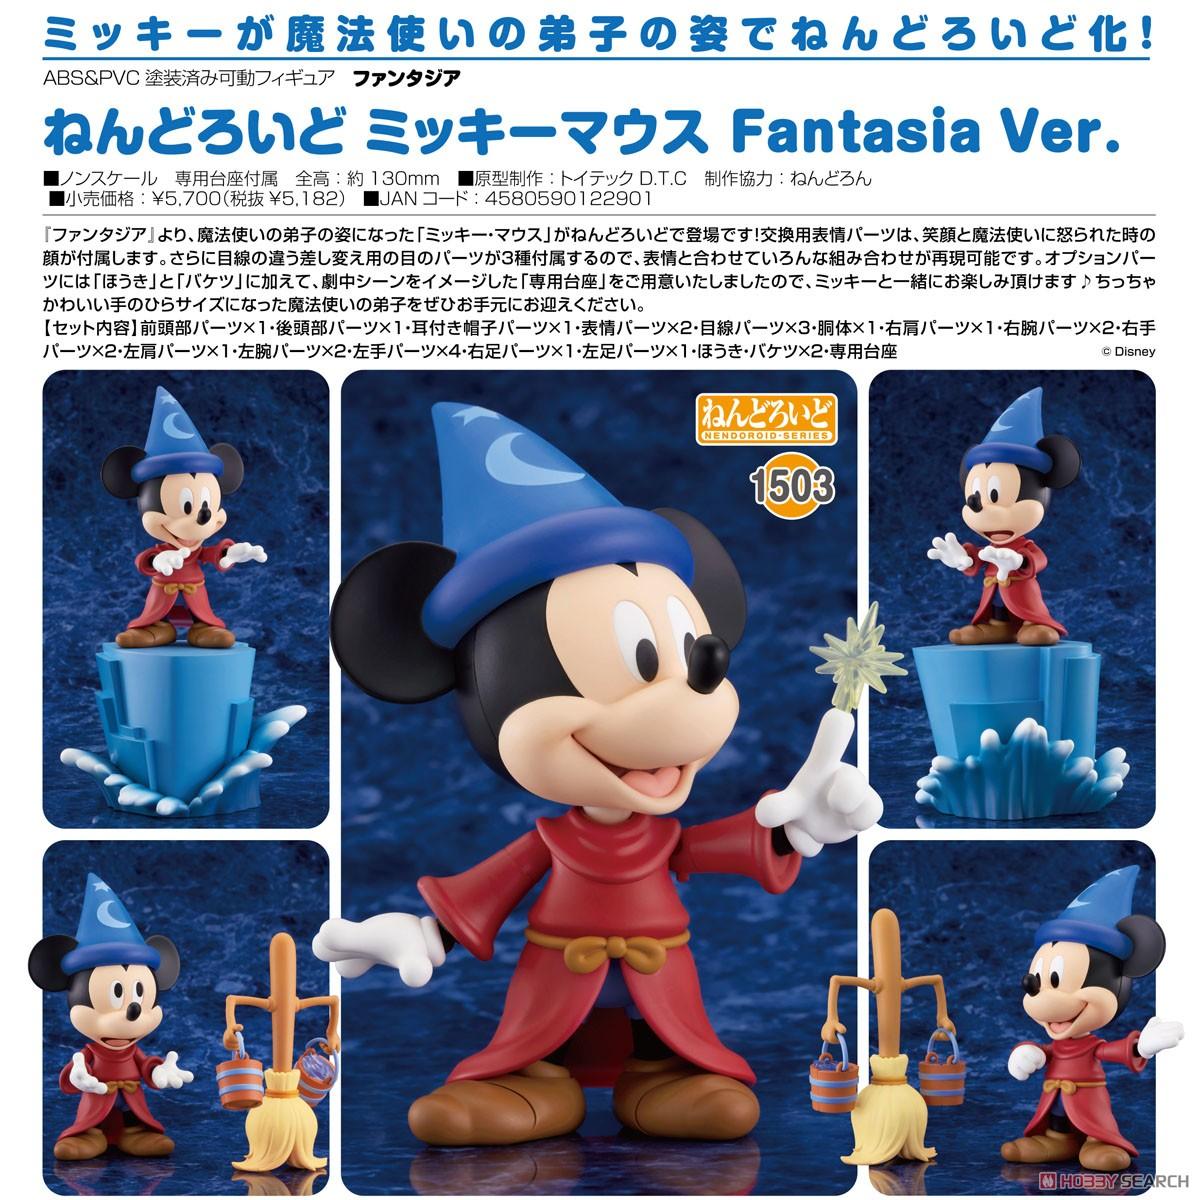 ねんどろいど『ミッキーマウス Fantasia Ver.』ファンタジア デフォルメ可動フィギュア-006